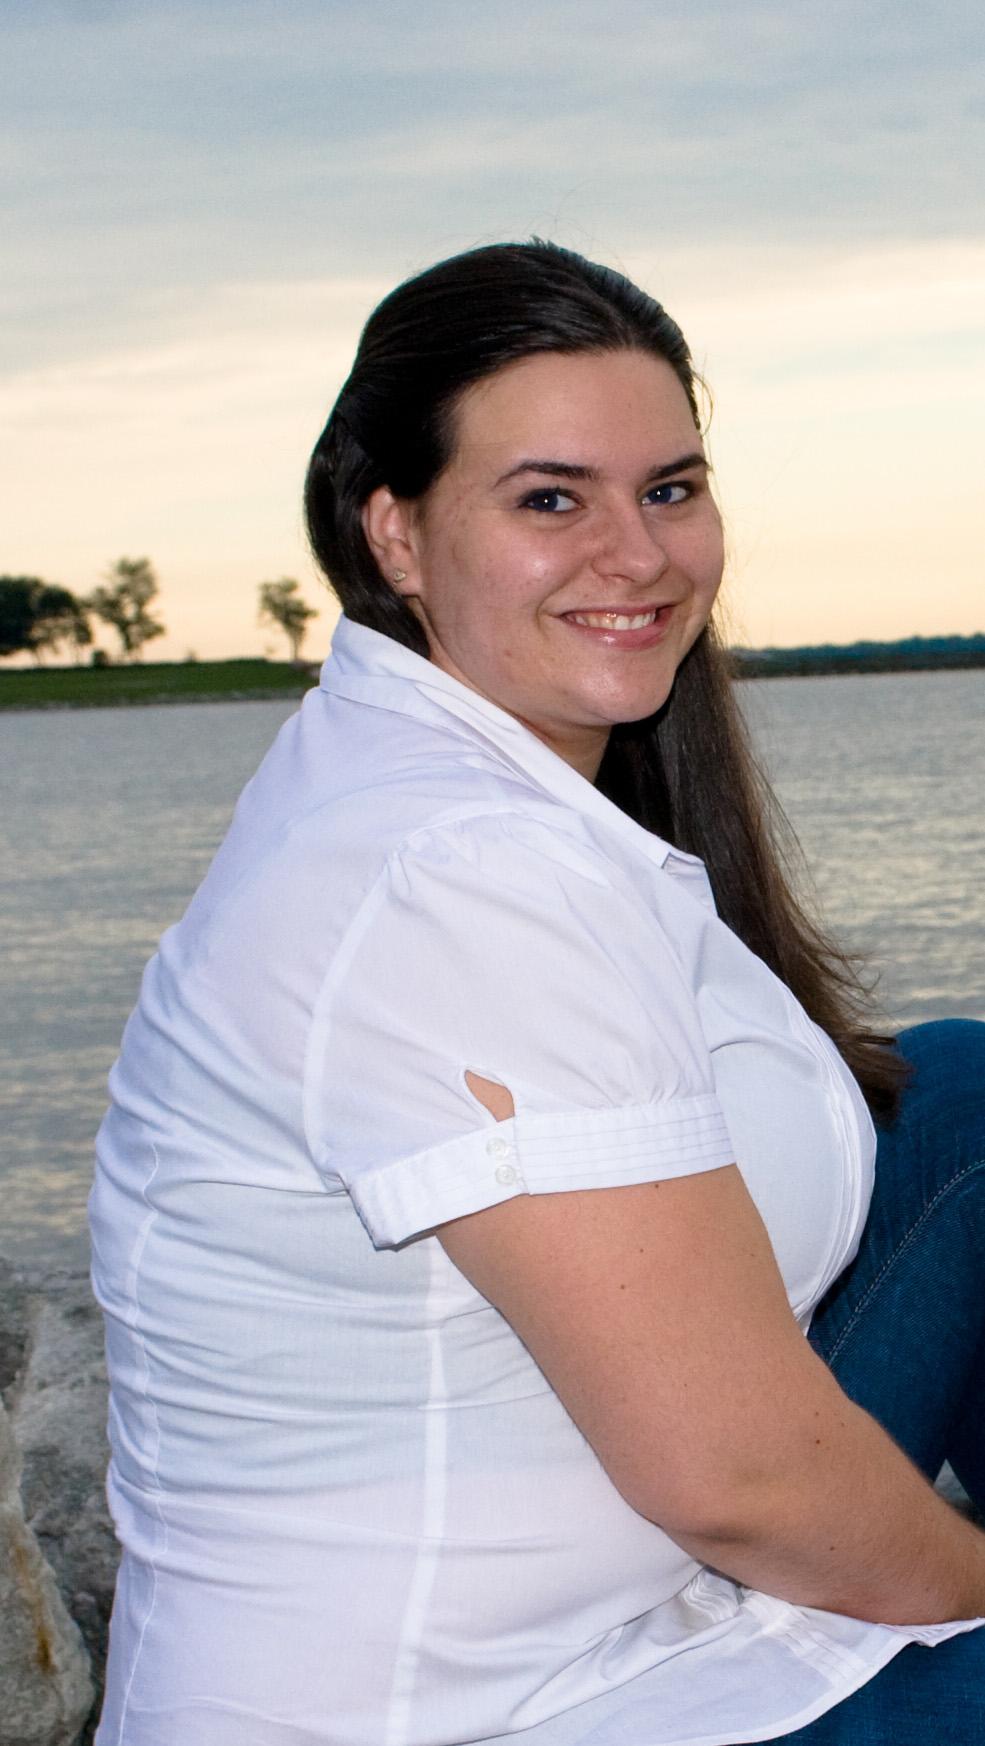 The Katie L. Fleet Memorial Scholarship